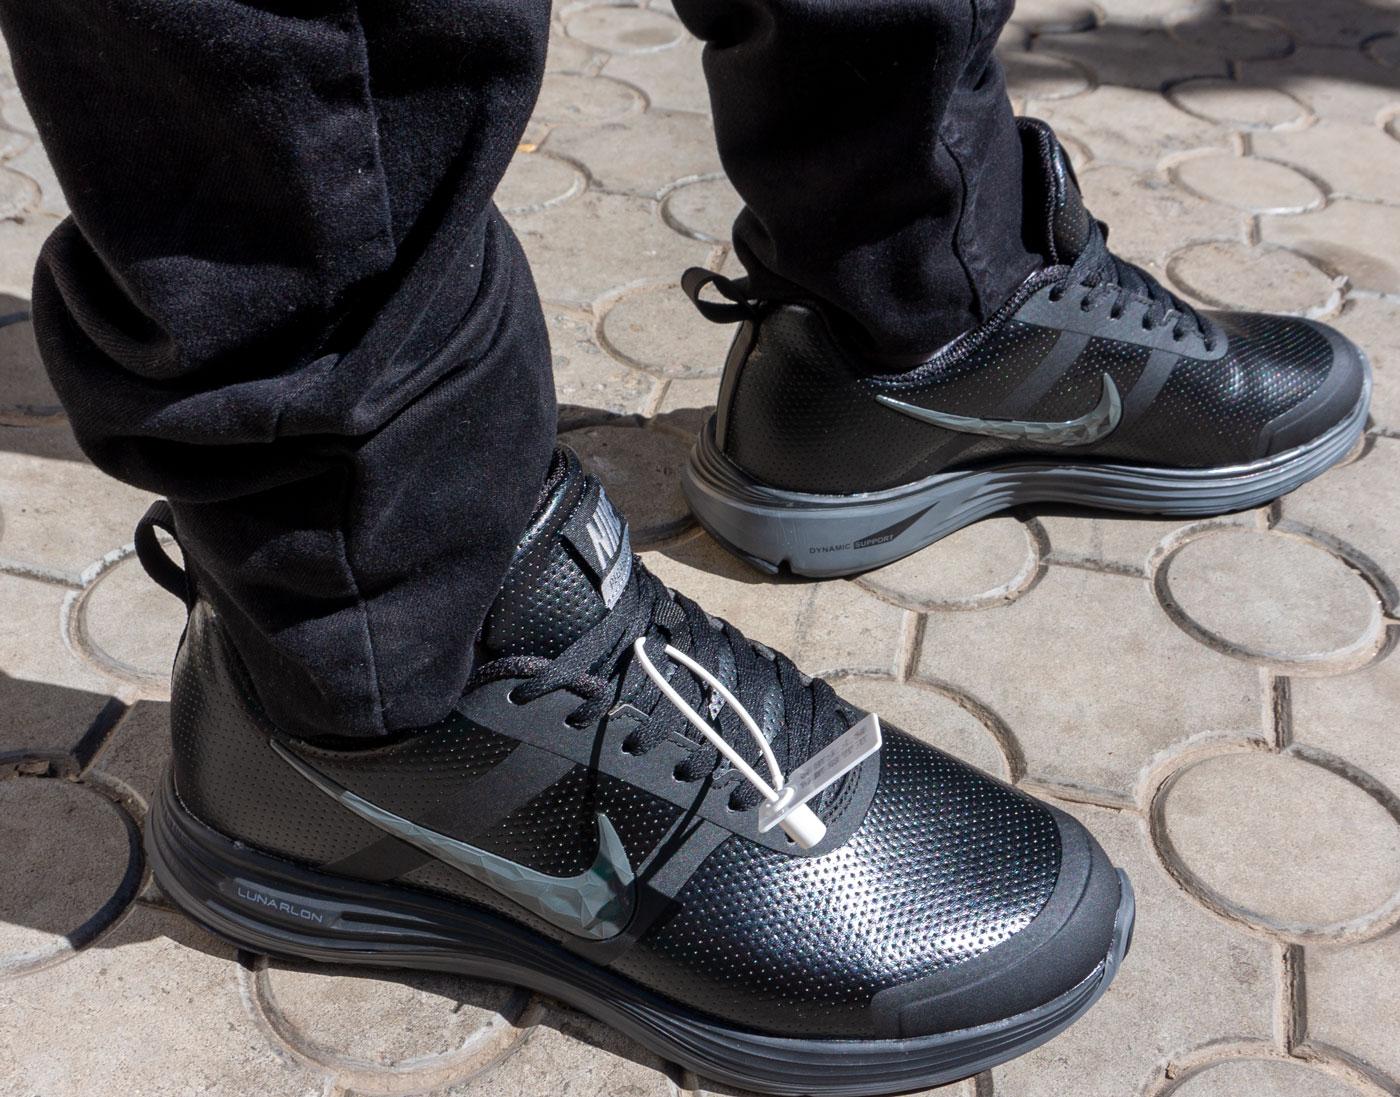 фото - Мужские осенние черные кроссовки Nike Air Relentless 26 MSL - Топ качество! на ноге.